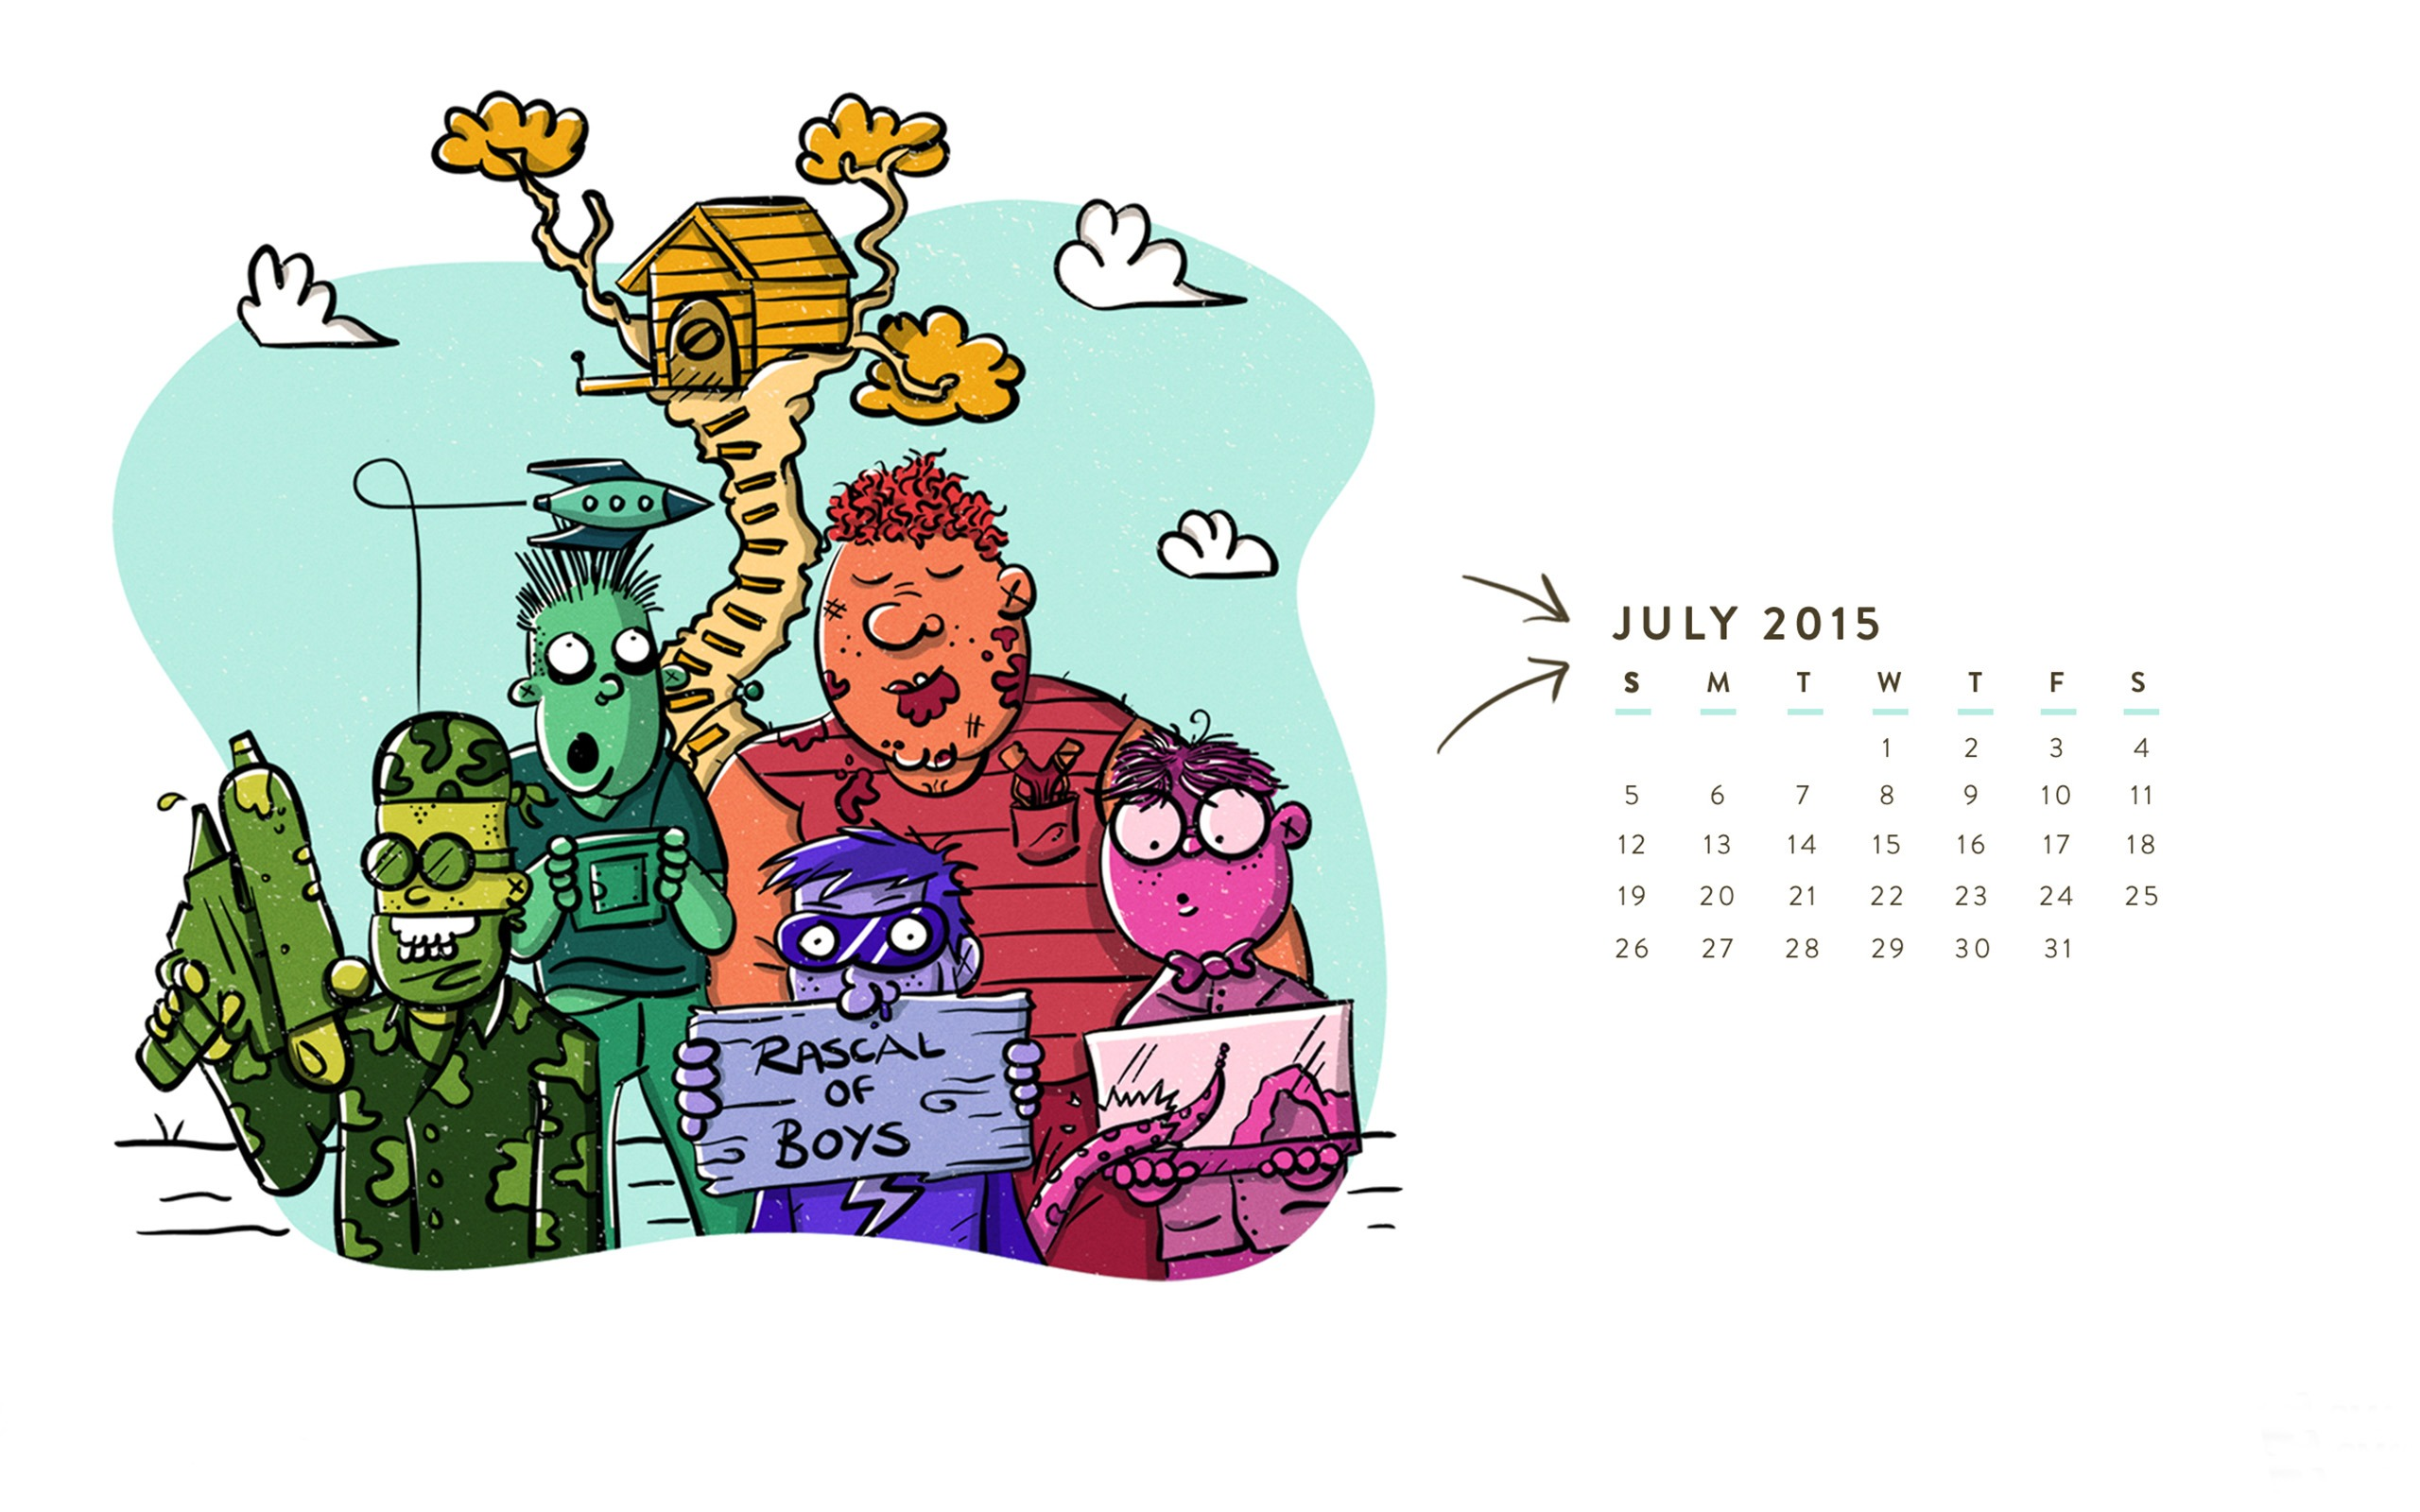 男の子のラスカル 2015年7月カレンダー壁紙プレビュー 10wallpaper Com